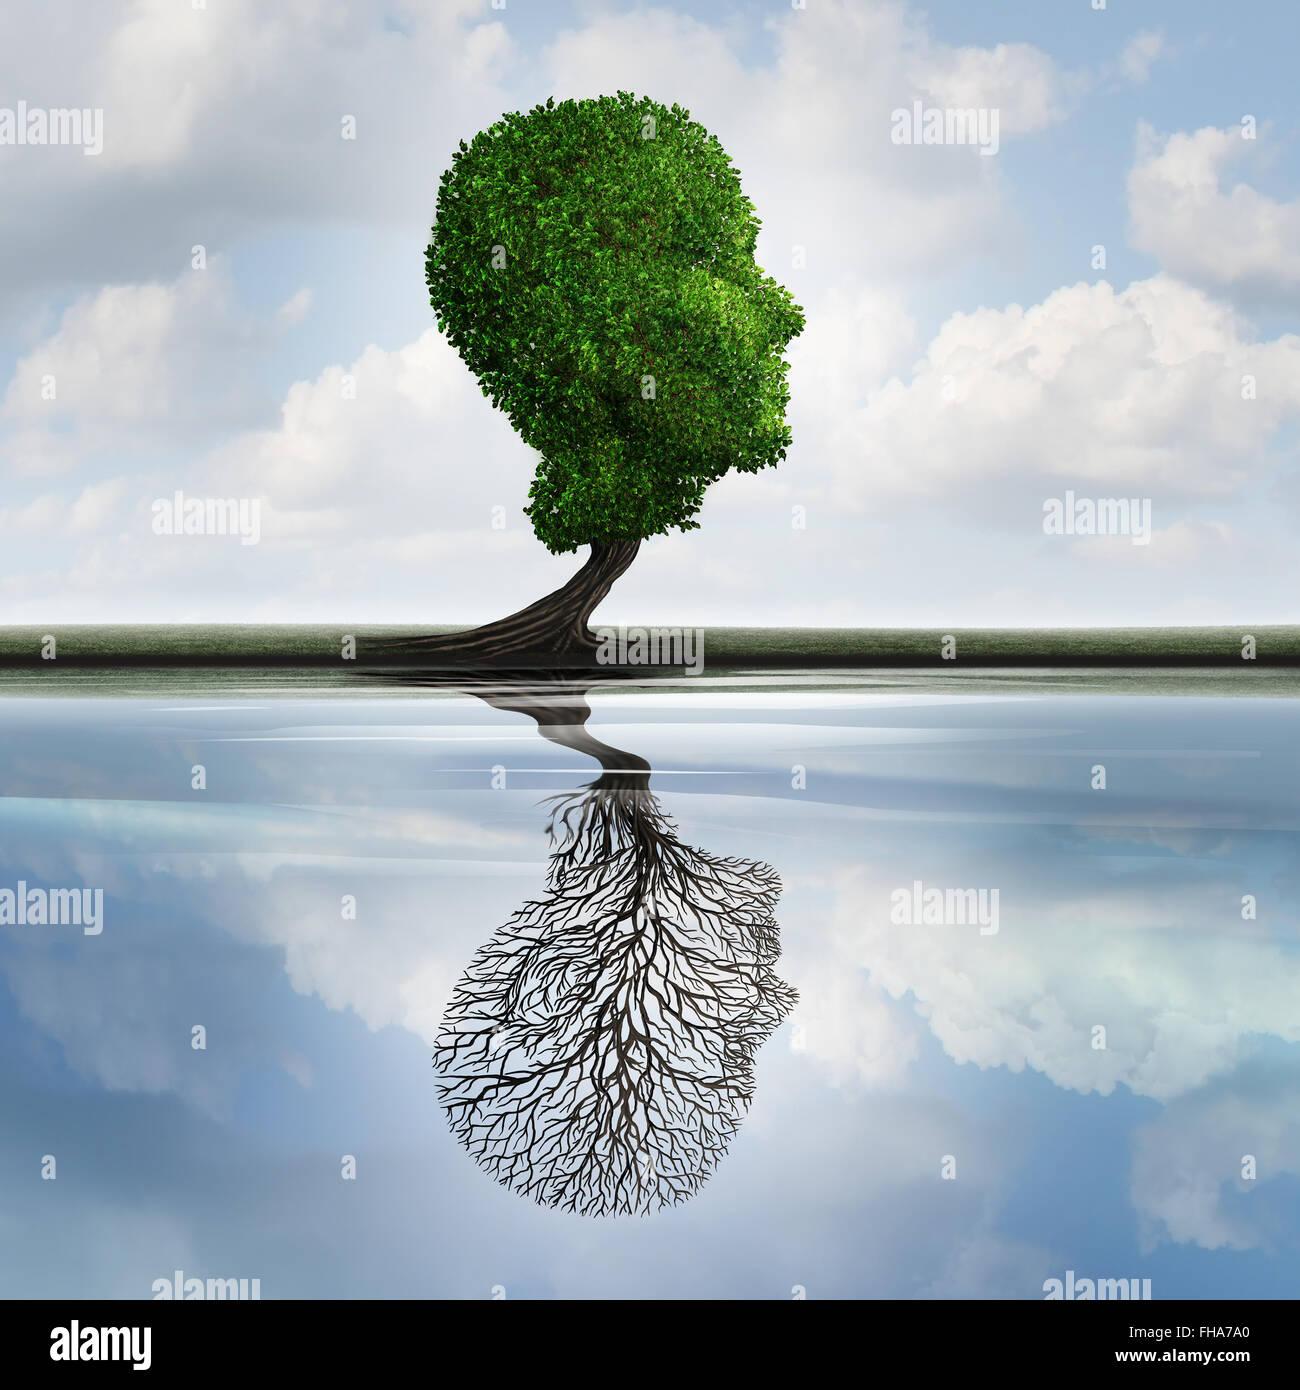 Nascosto il concetto di depressione e sentimenti privati come simbolo di un albero con foglie a forma di una testa umana con una riflessione sull'acqua con un impianto vuoto come una psicologia interna idea per la visualizzazione di nascosto le emozioni. Foto Stock